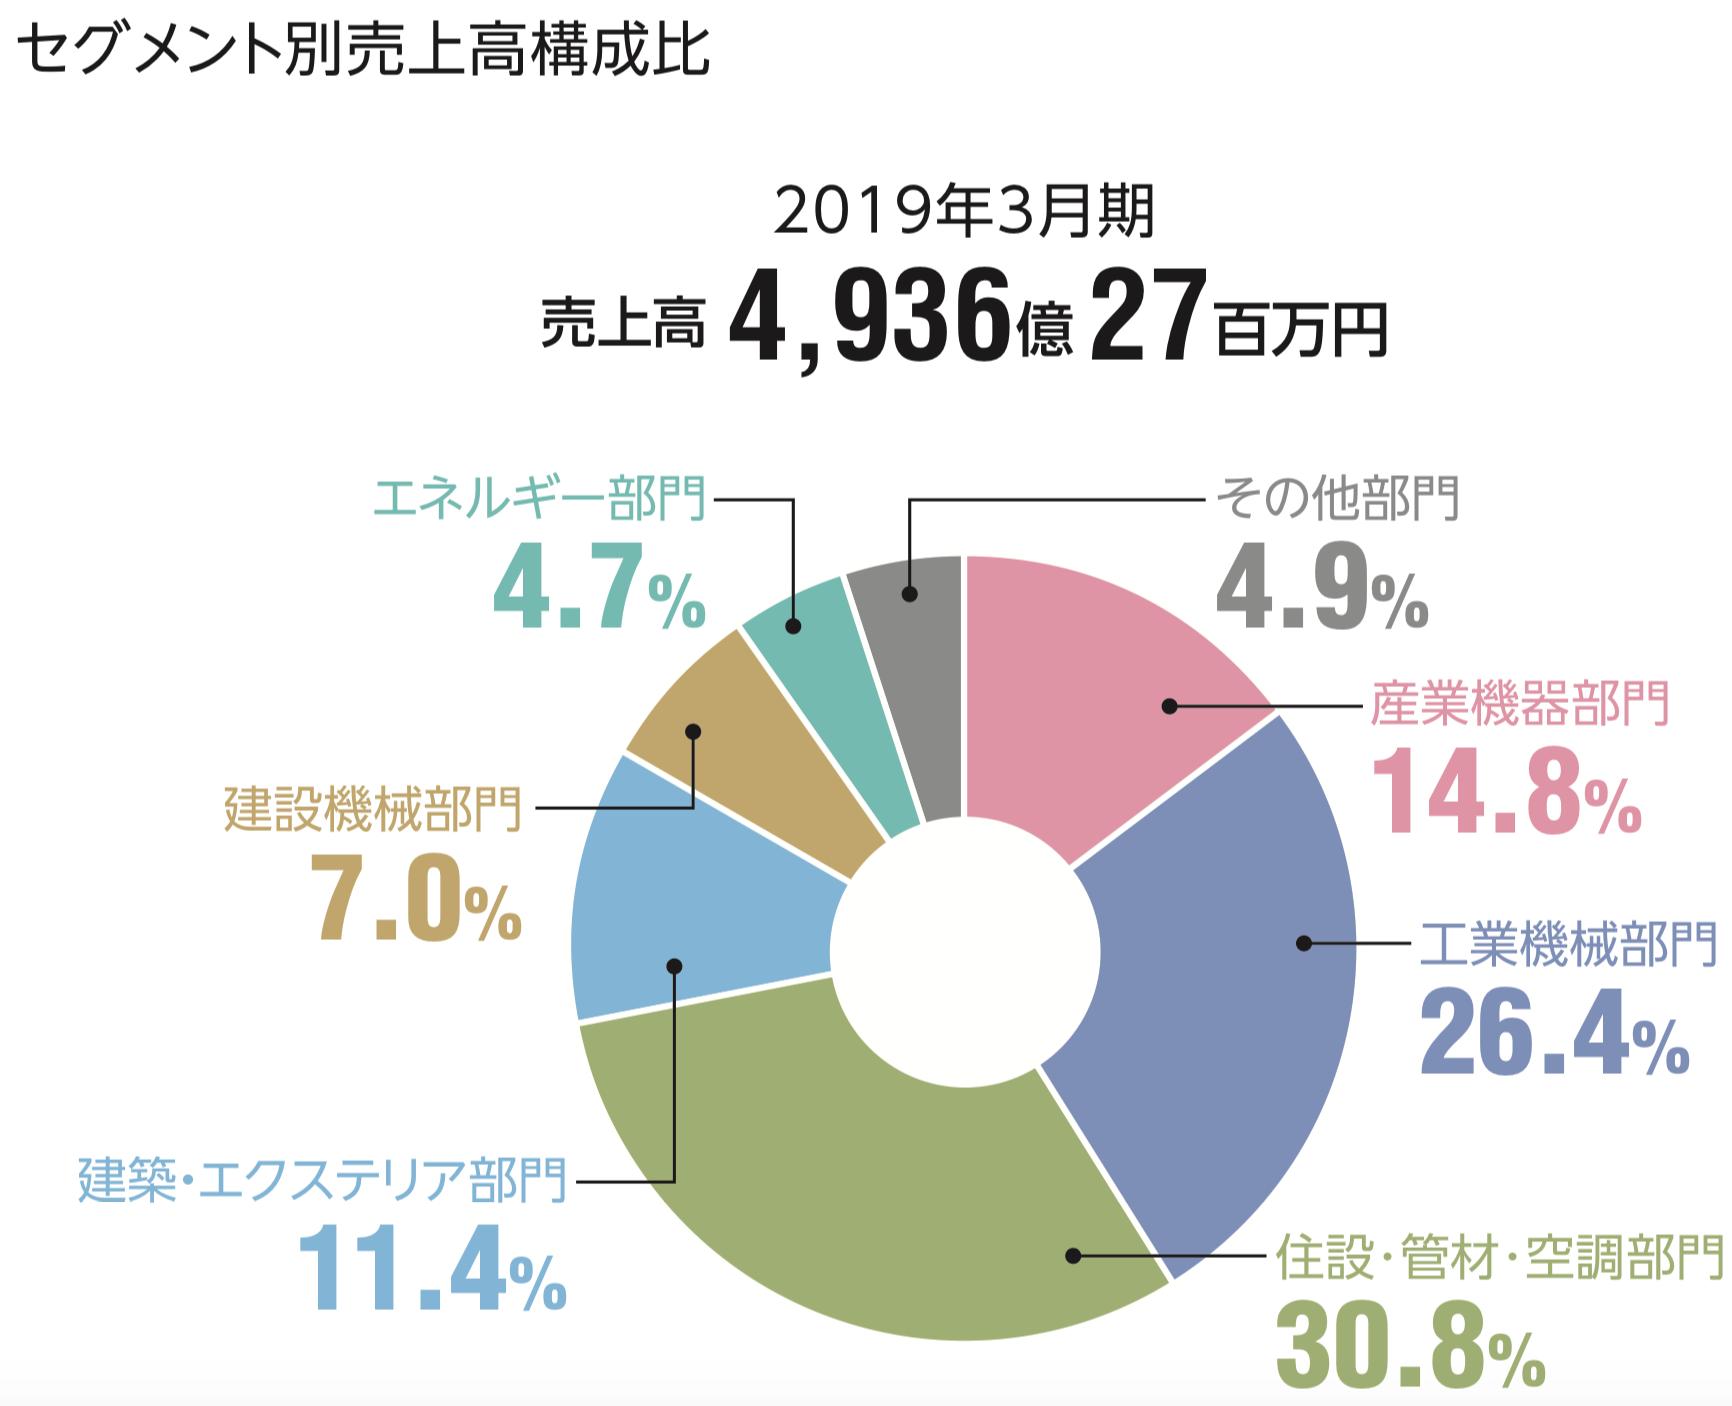 ユアサ商事株式会社 セグメント別売上高構成比